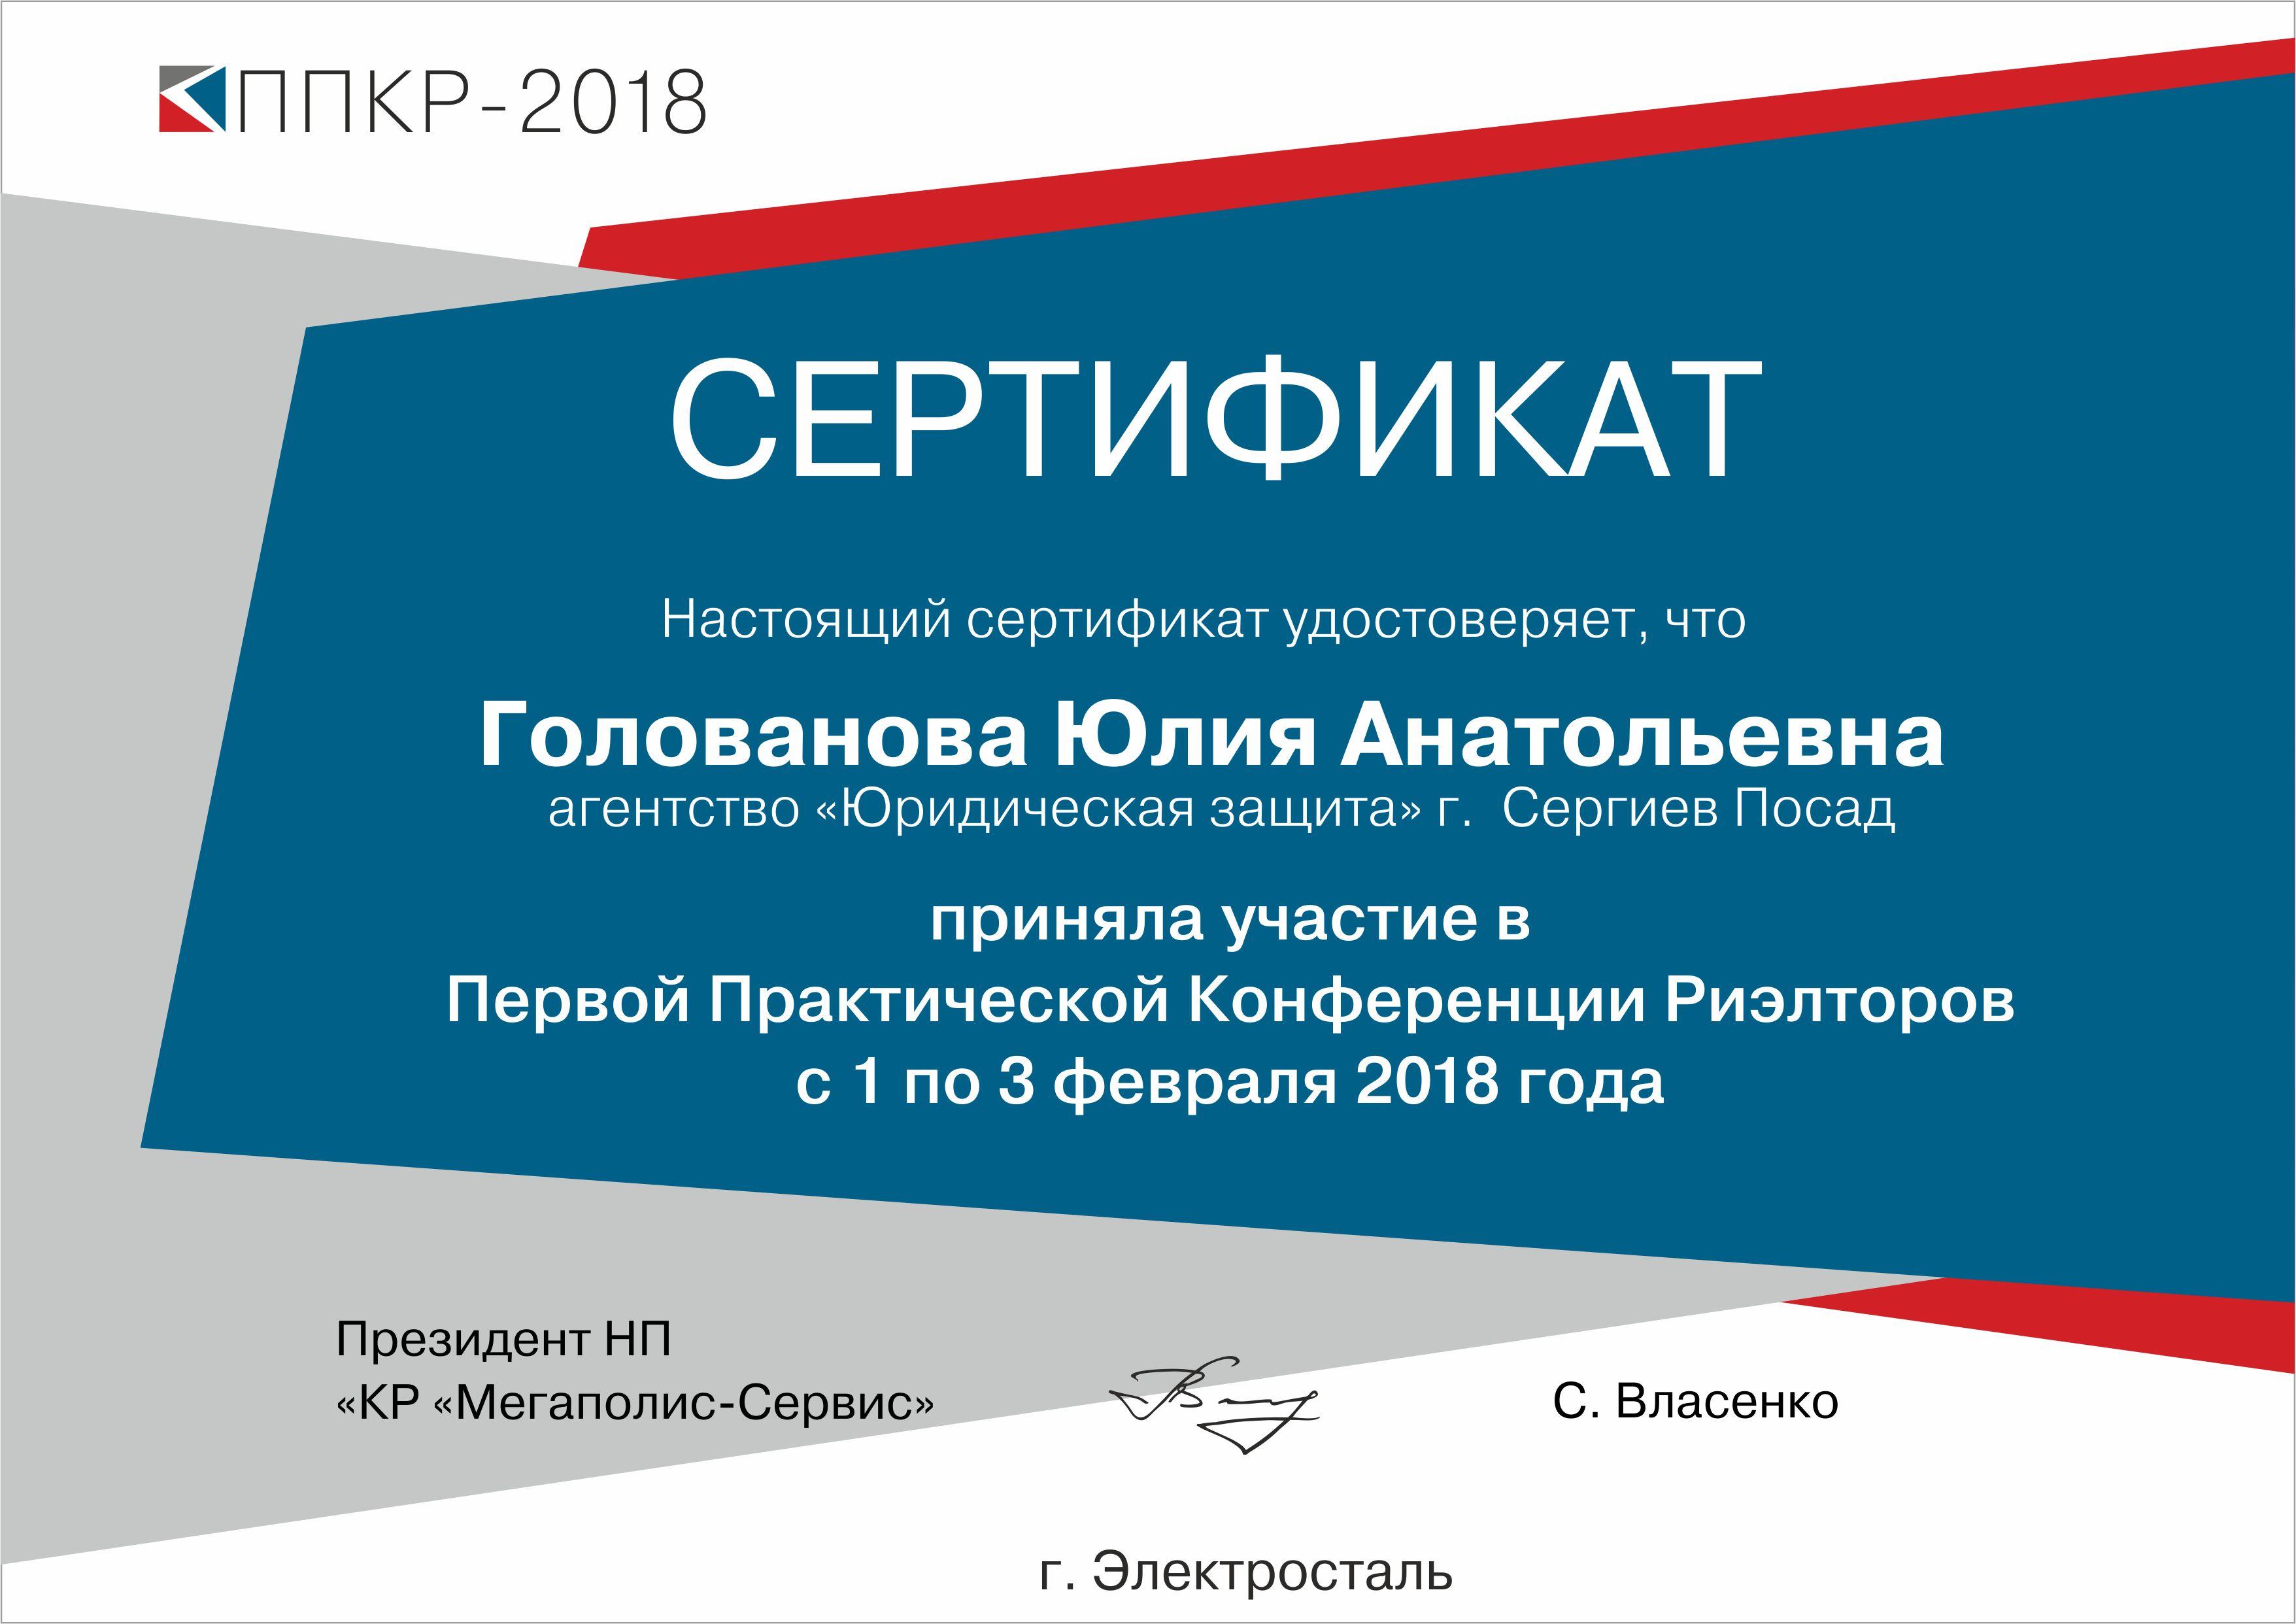 Сертификат участника конференции риэлторов